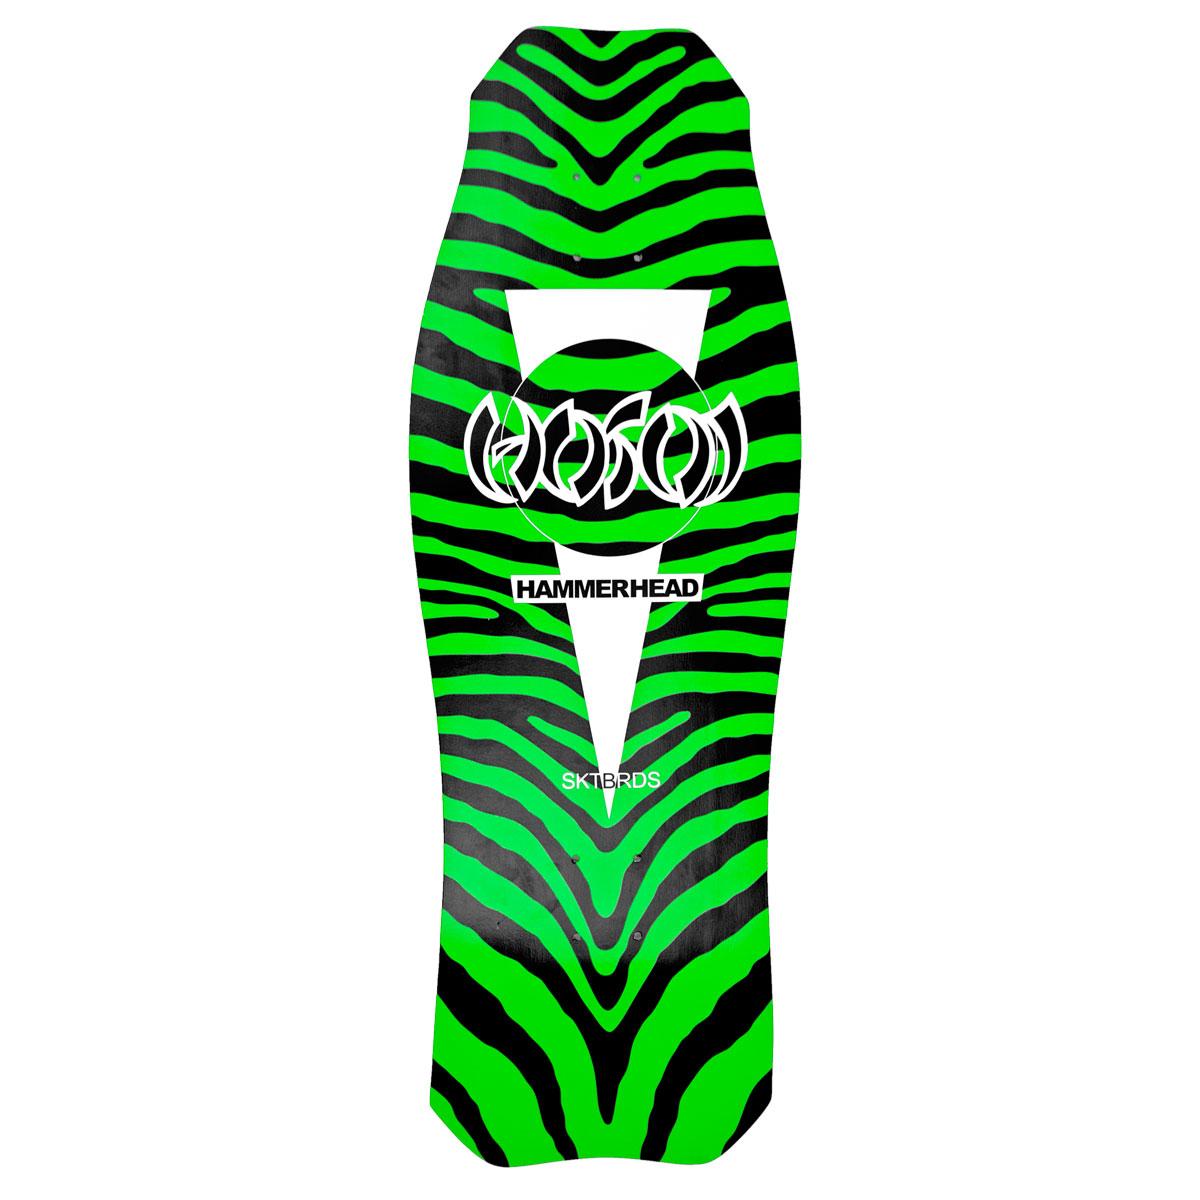 OG-Hammerhead-Green-Zebra-Bottom.jpg